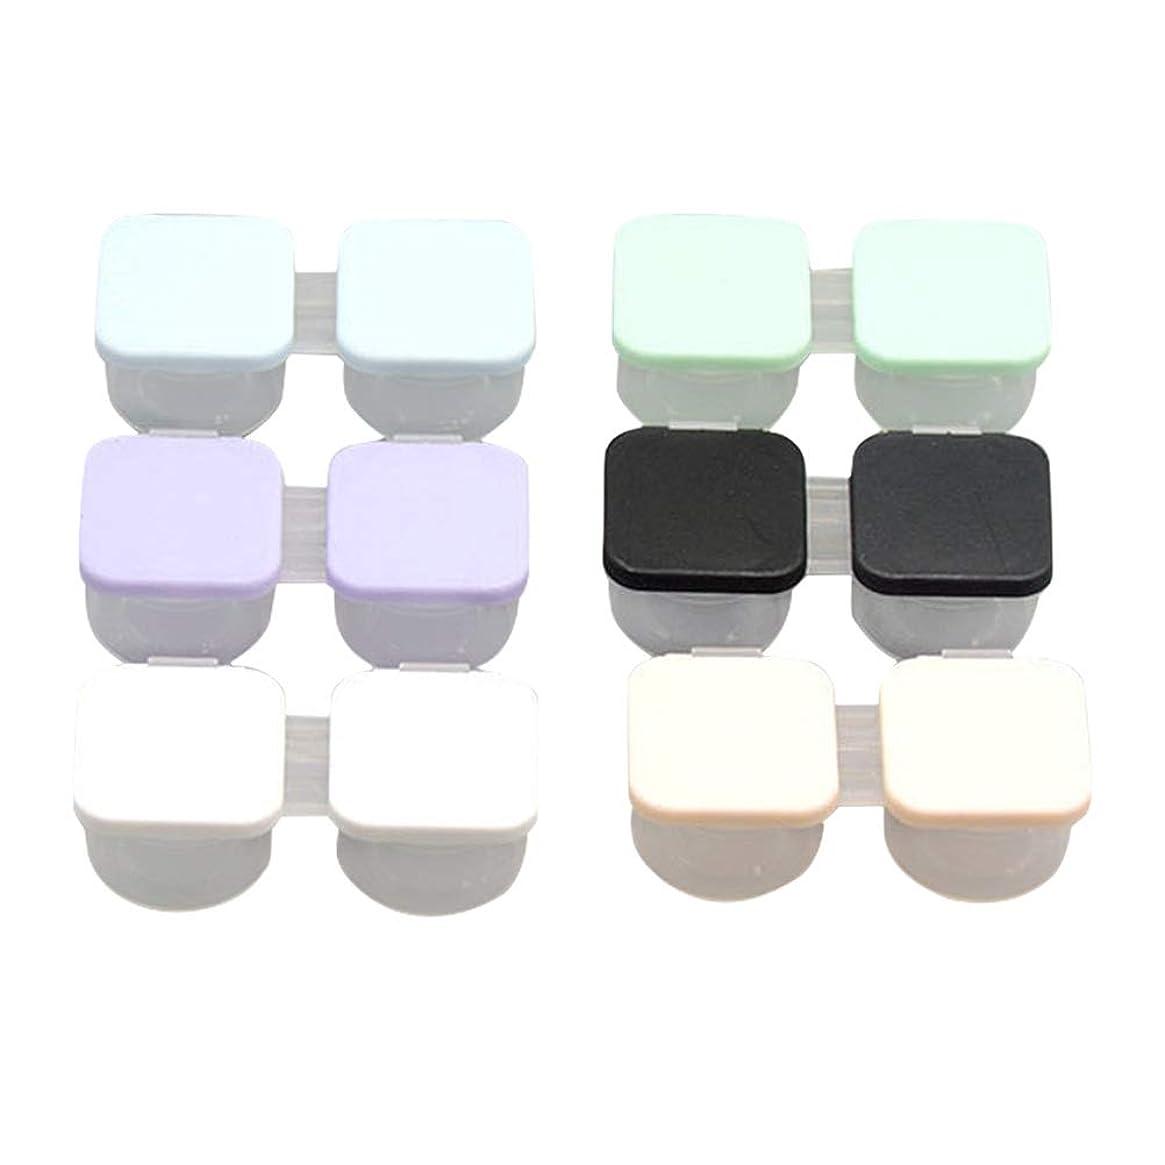 指納得させる魅了するSUPVOX コンタクトケース ケアパレット 保存ケース プラスチック製 軽量 安全6個入(混色)